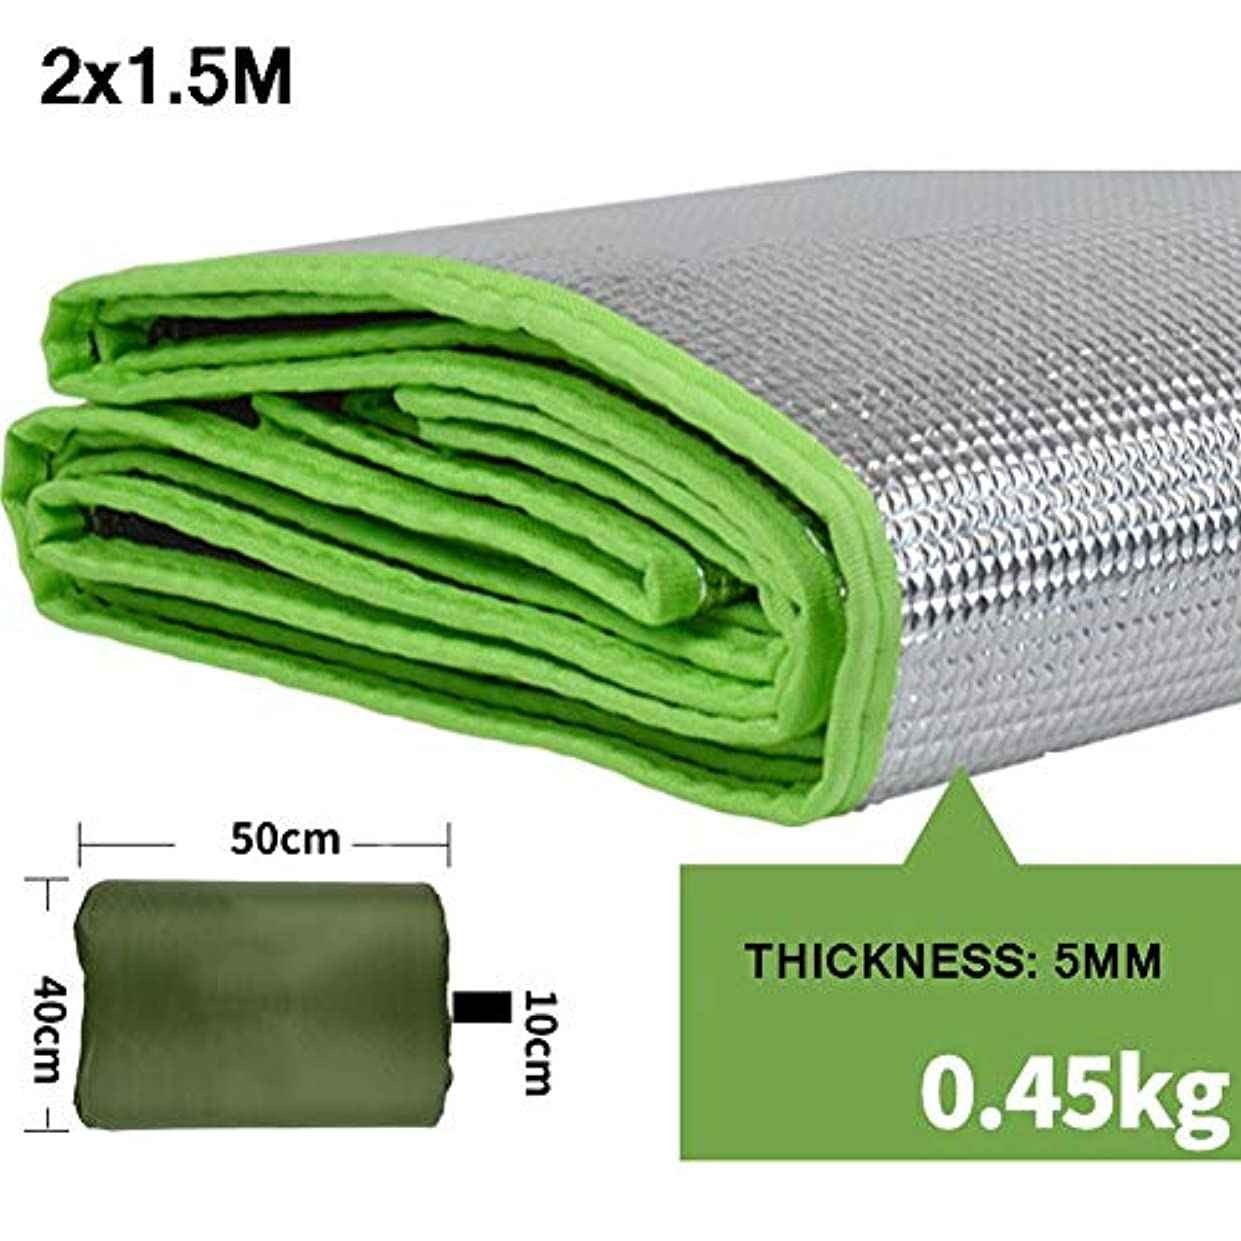 準備する酸化する麻痺キャンプマットマット?パッド 屋外パティオキャンプマットの敷物中庭のカーペット屋内/屋外エリアの敷物の汚れ抵抗力がある湿気防止の防水緑 (Size : 2X1.5M)